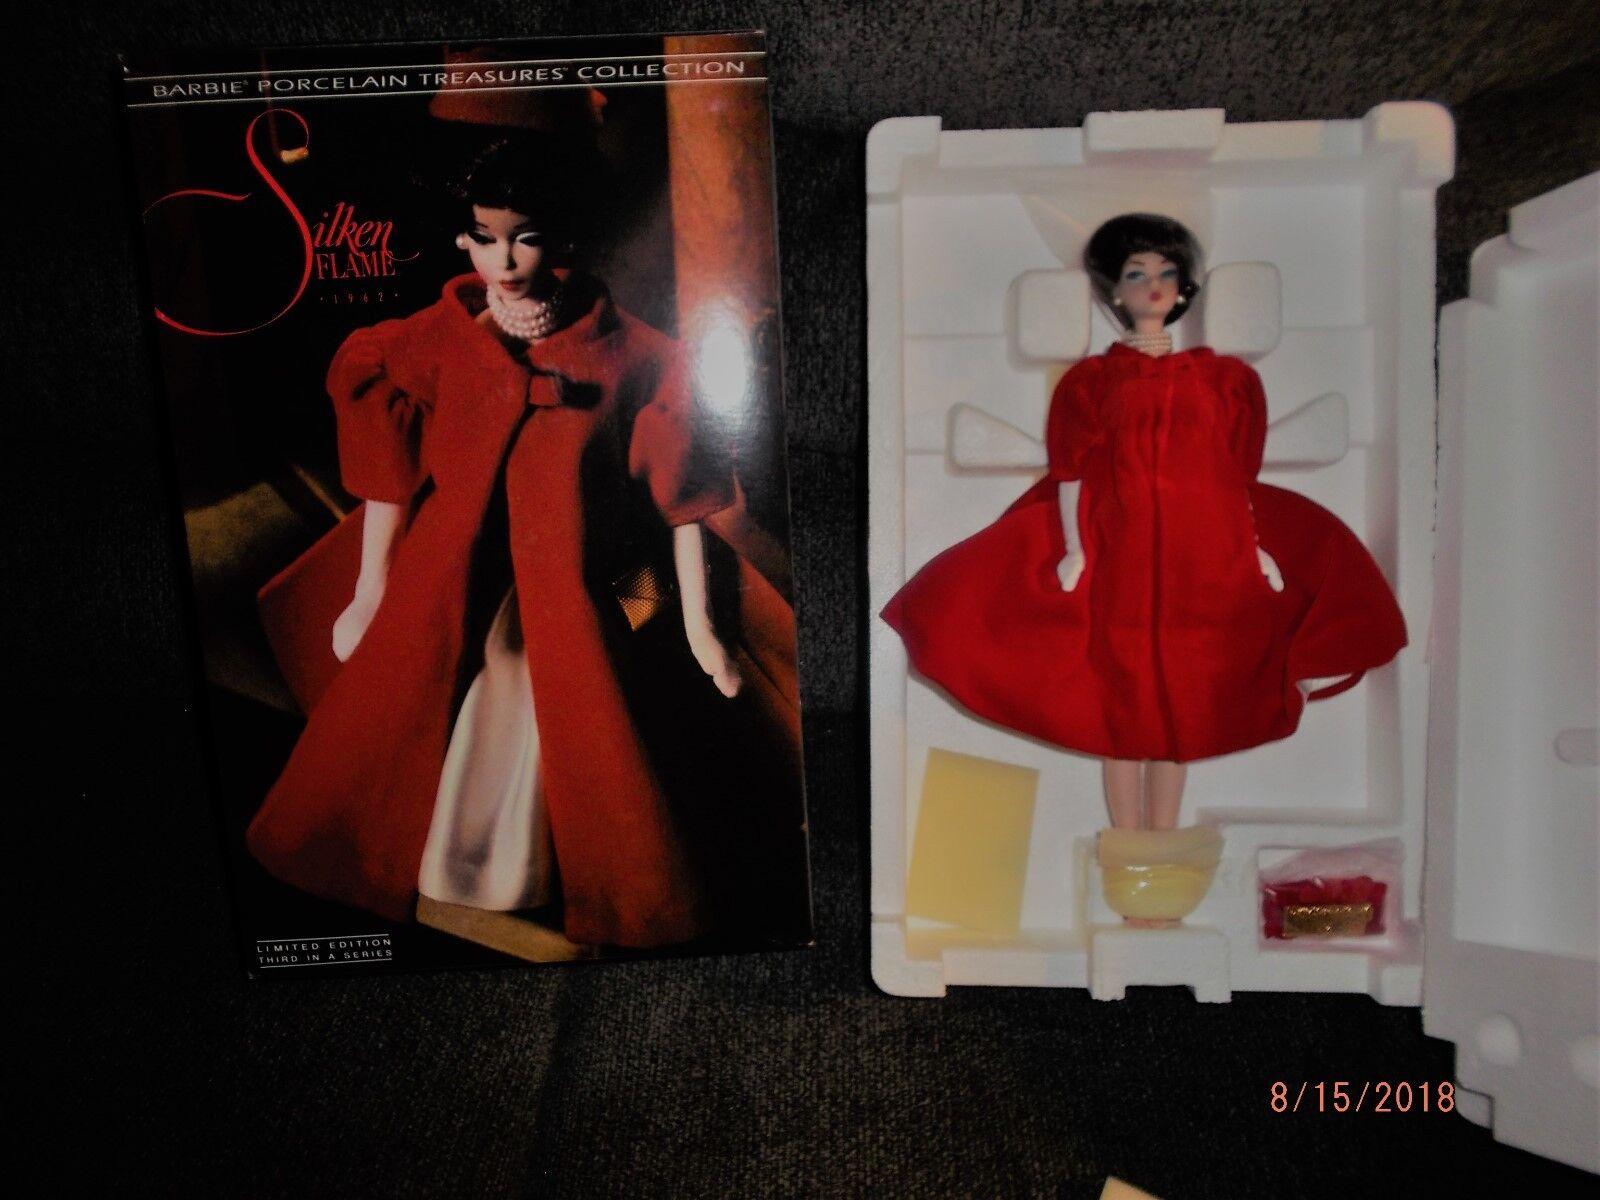 1992 Silken Flame Barbie Edición Limitada Porcelana nunca quitado de la caja